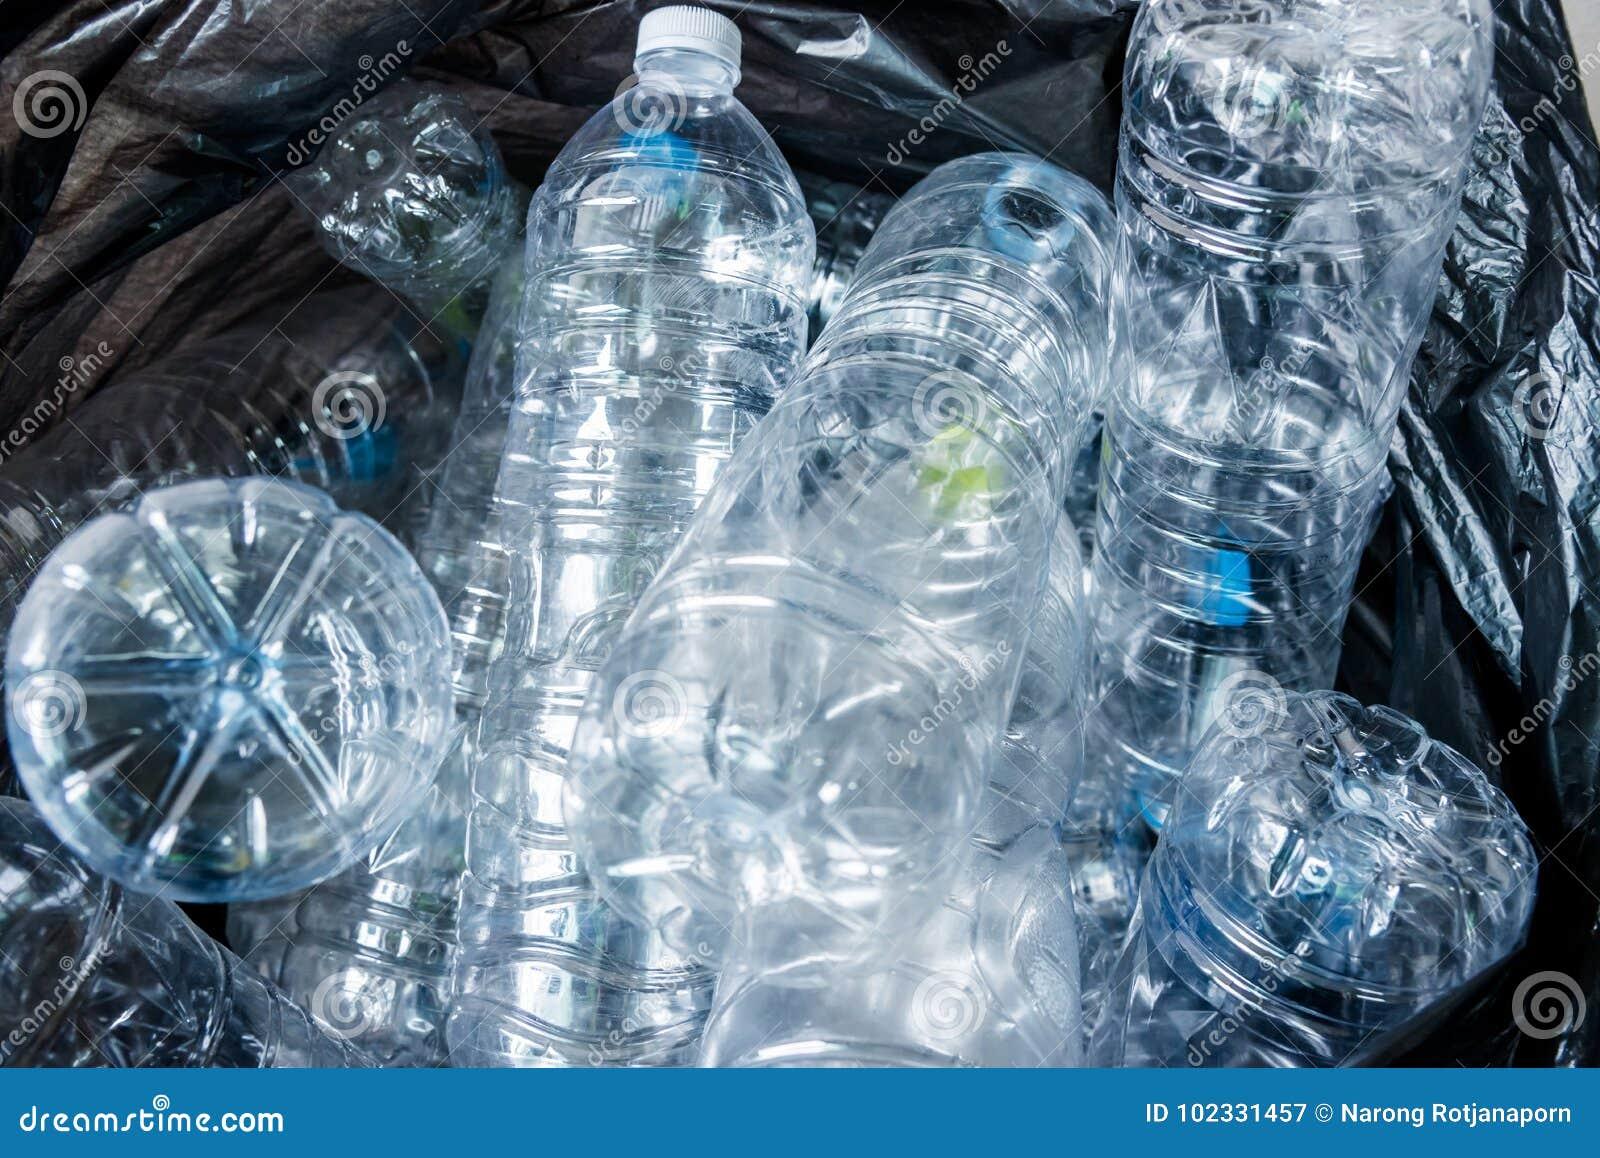 Borse Di Plastica Di Moda : La plastica imbottiglia le borse di immondizia nere che